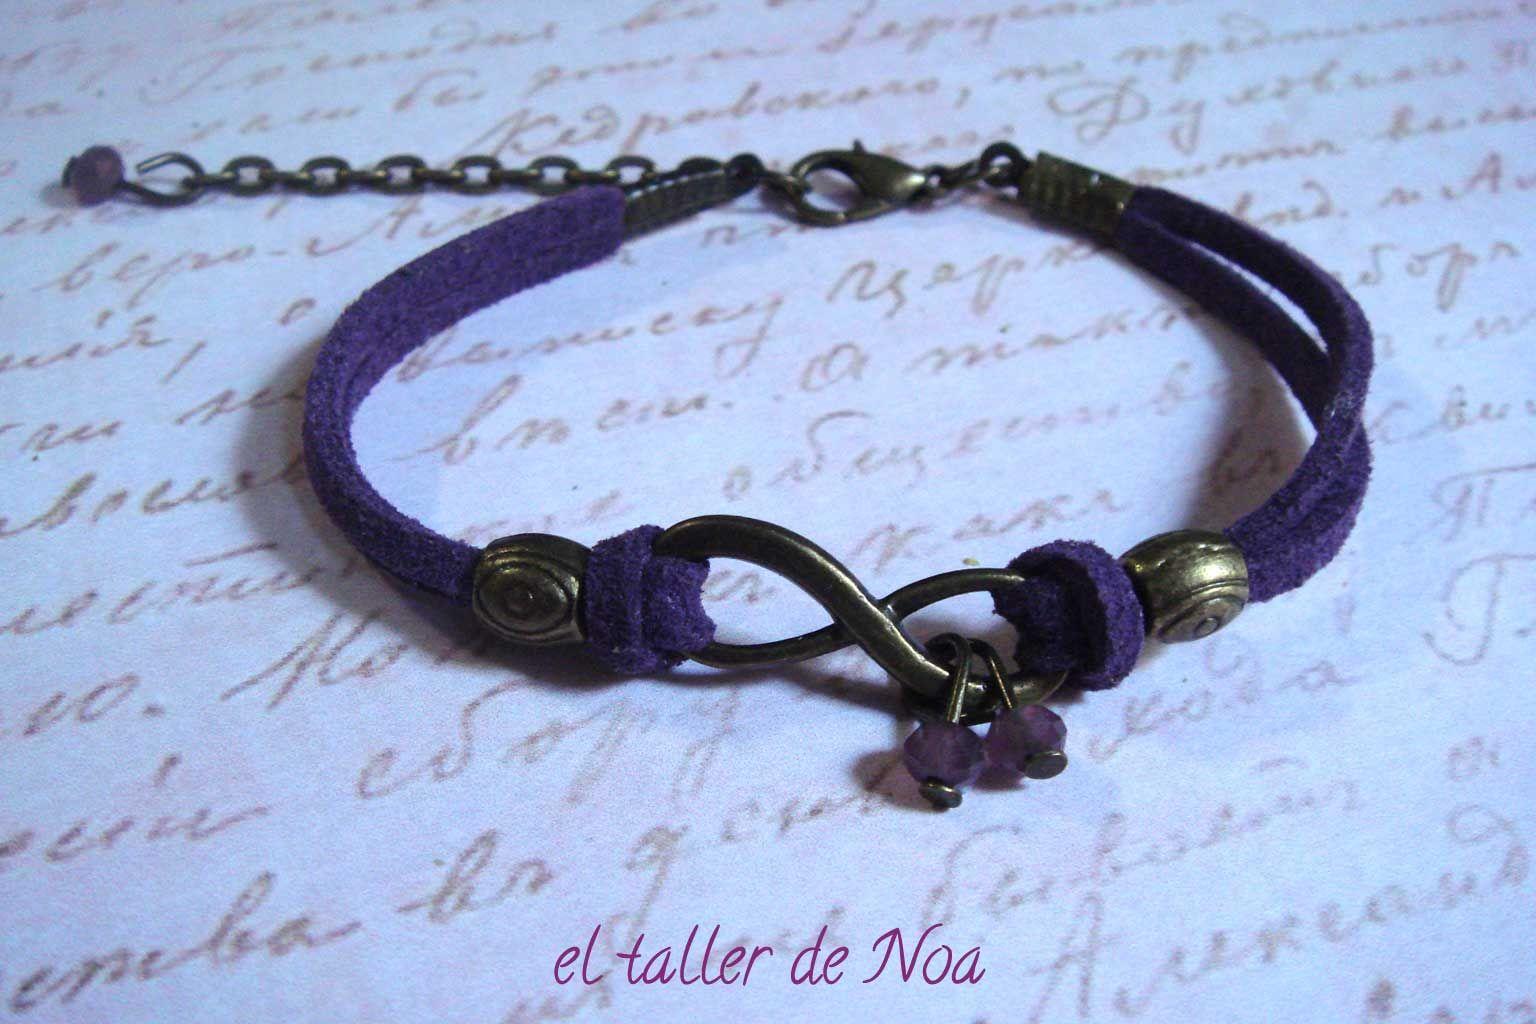 #Pulsera ref. ibi15011 de la colección Infinit Bracelet. #Infinito para estas pulseras en clave de #lila. Más en www.eltallerdenoa.com #bisutería #jewelry #infinity #antelina #suede #bracelet #joyería